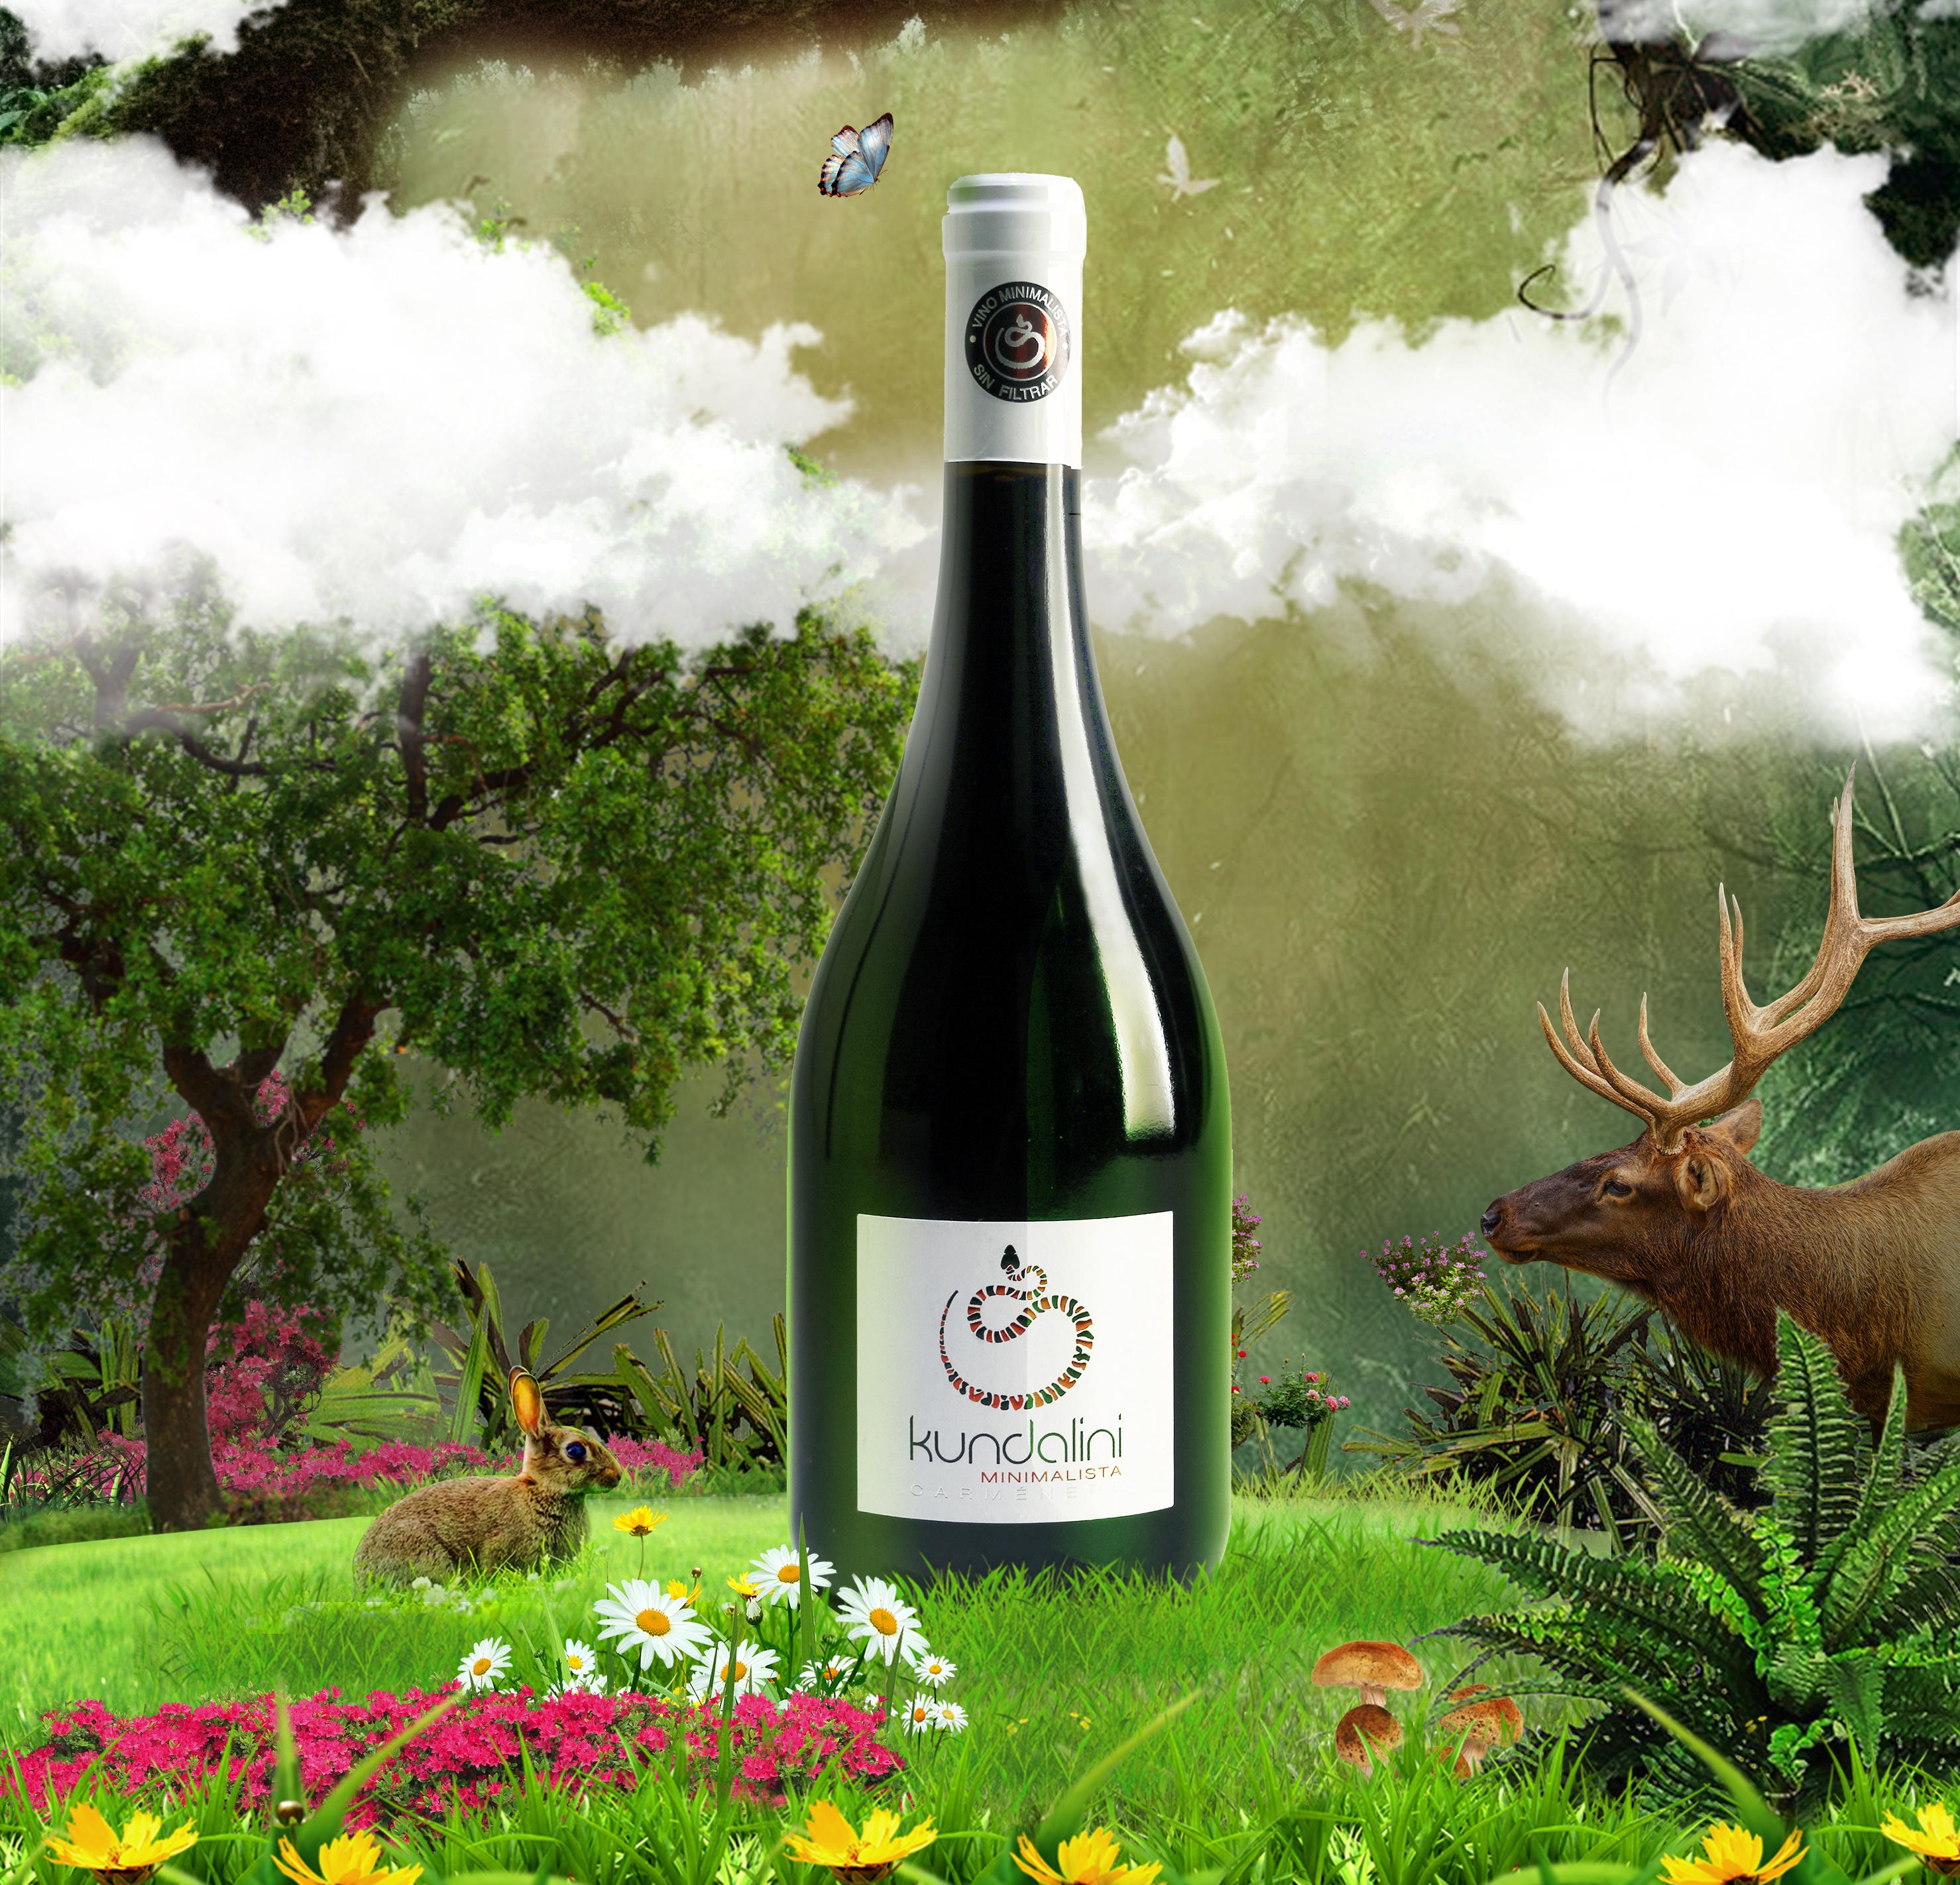 长城 法国 干红 干红葡萄酒 红酒 进口 酒 拉菲 葡萄酒 网 张裕 2957图片